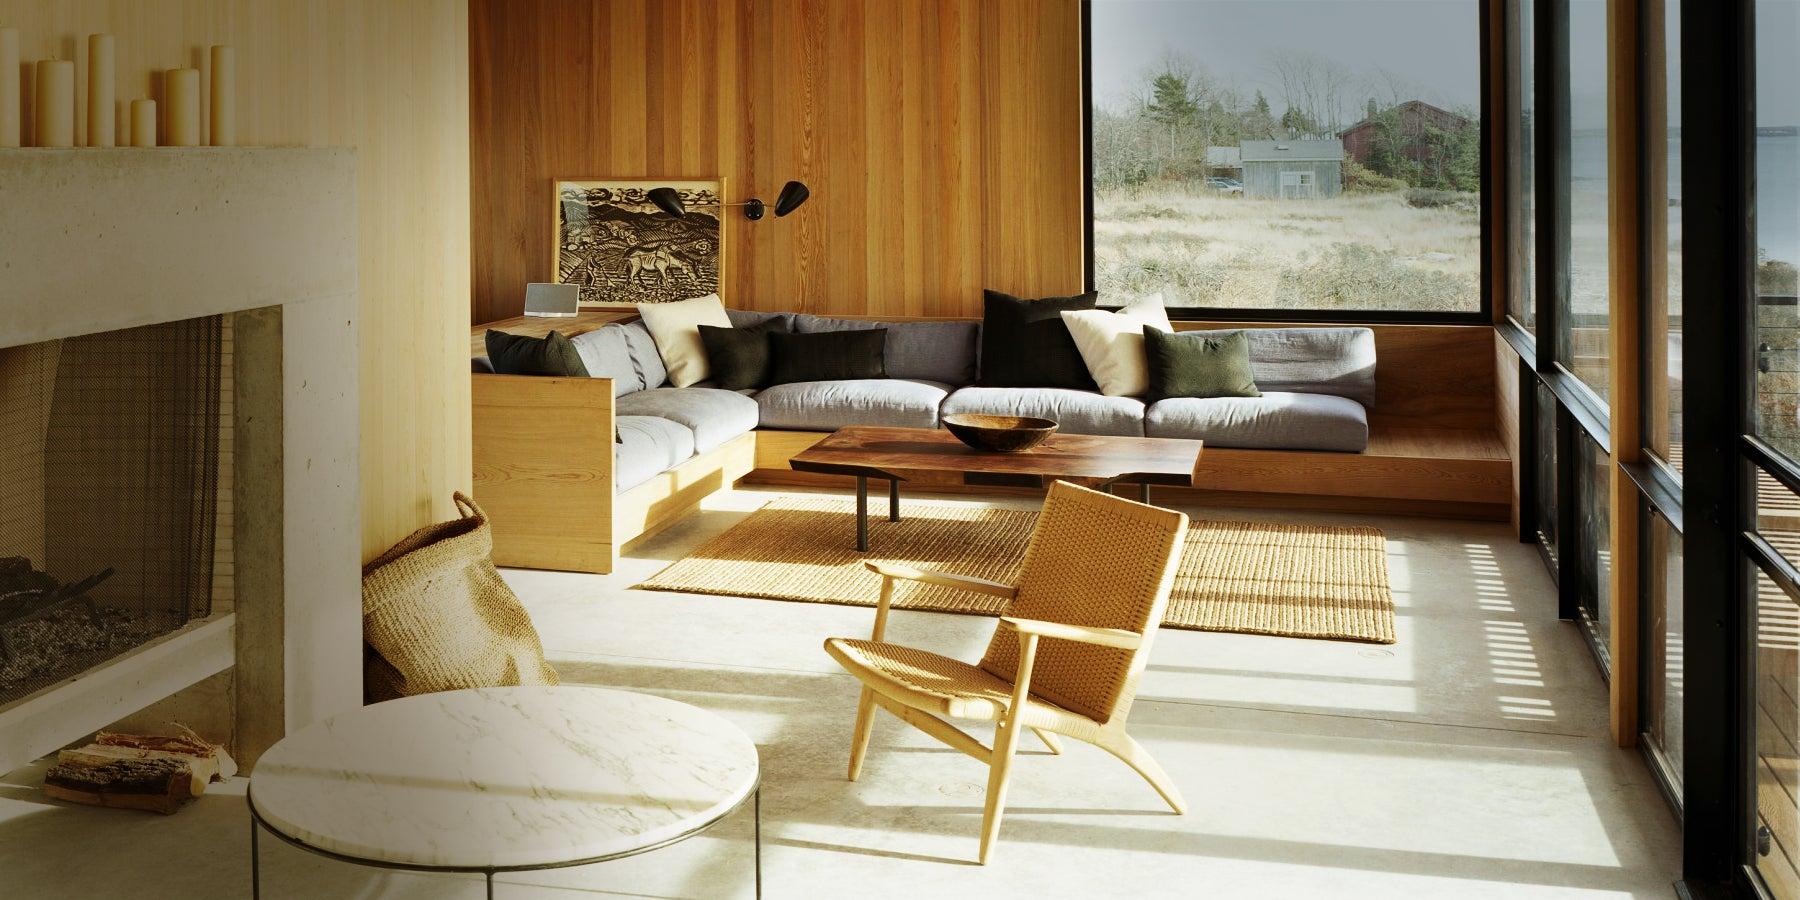 ^ Suzanne Shaker Interior Design